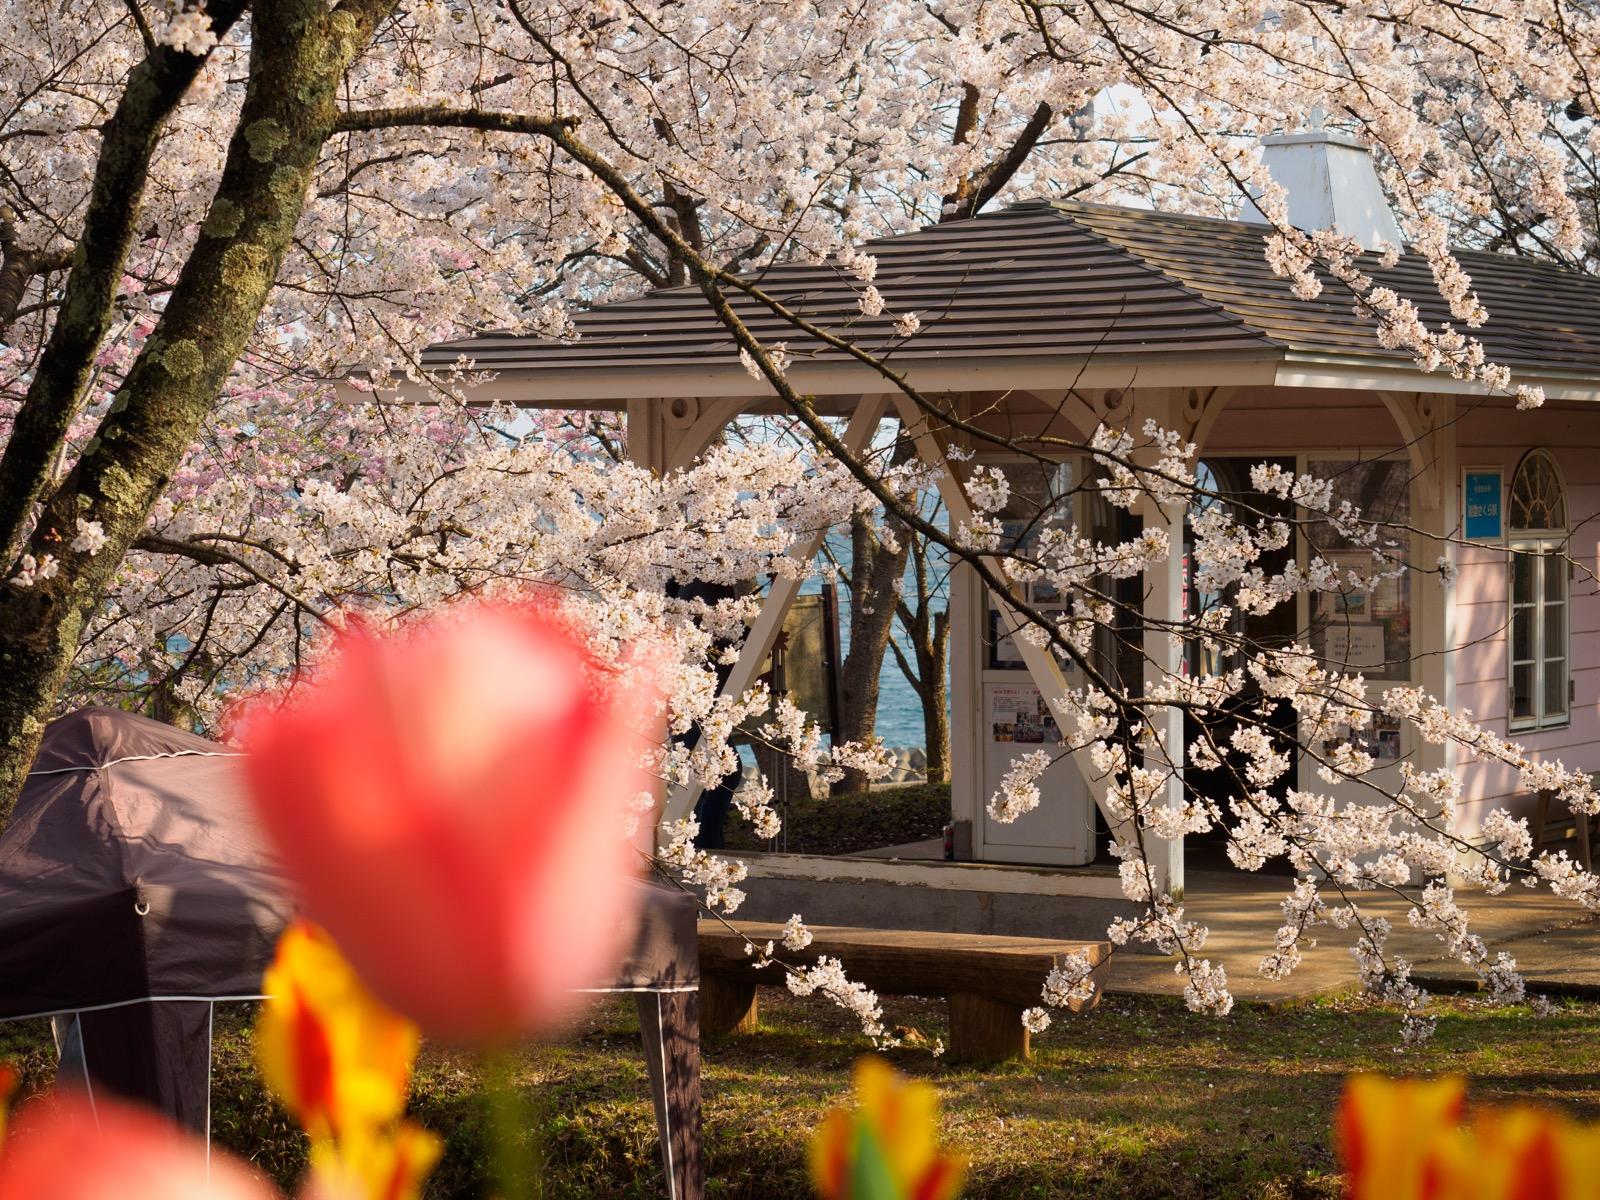 満開の桜と花々に囲まれた、能登鹿島駅(能登さくら駅)の駅舎